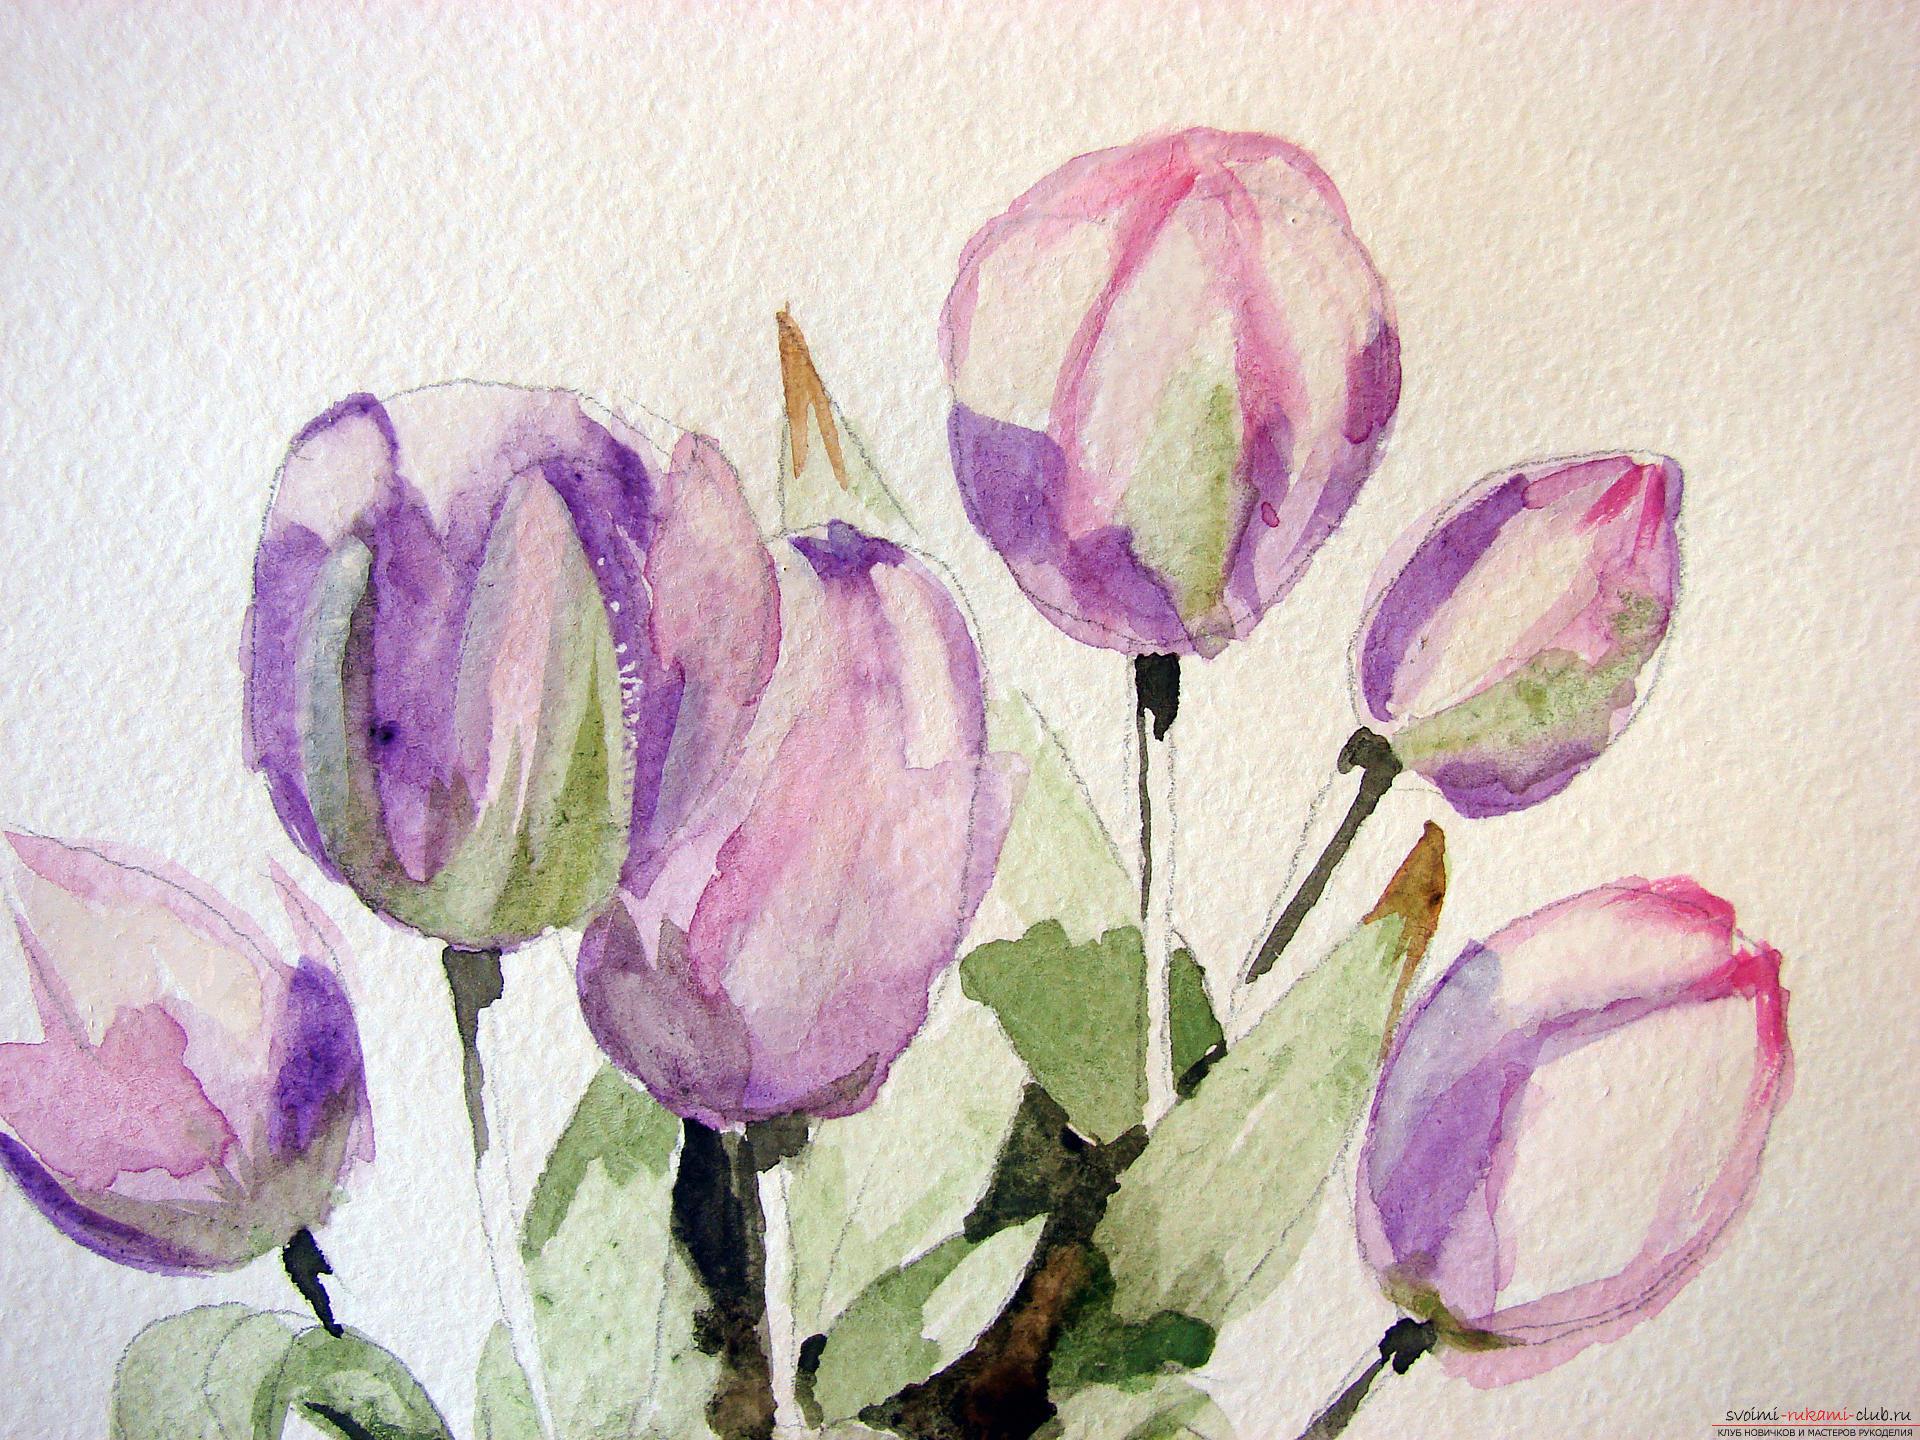 Мастер-класс по рисованию с фото научит как нарисовать цветы, подробно описав как рисуются тюльпаны поэтапно.. Фото №11